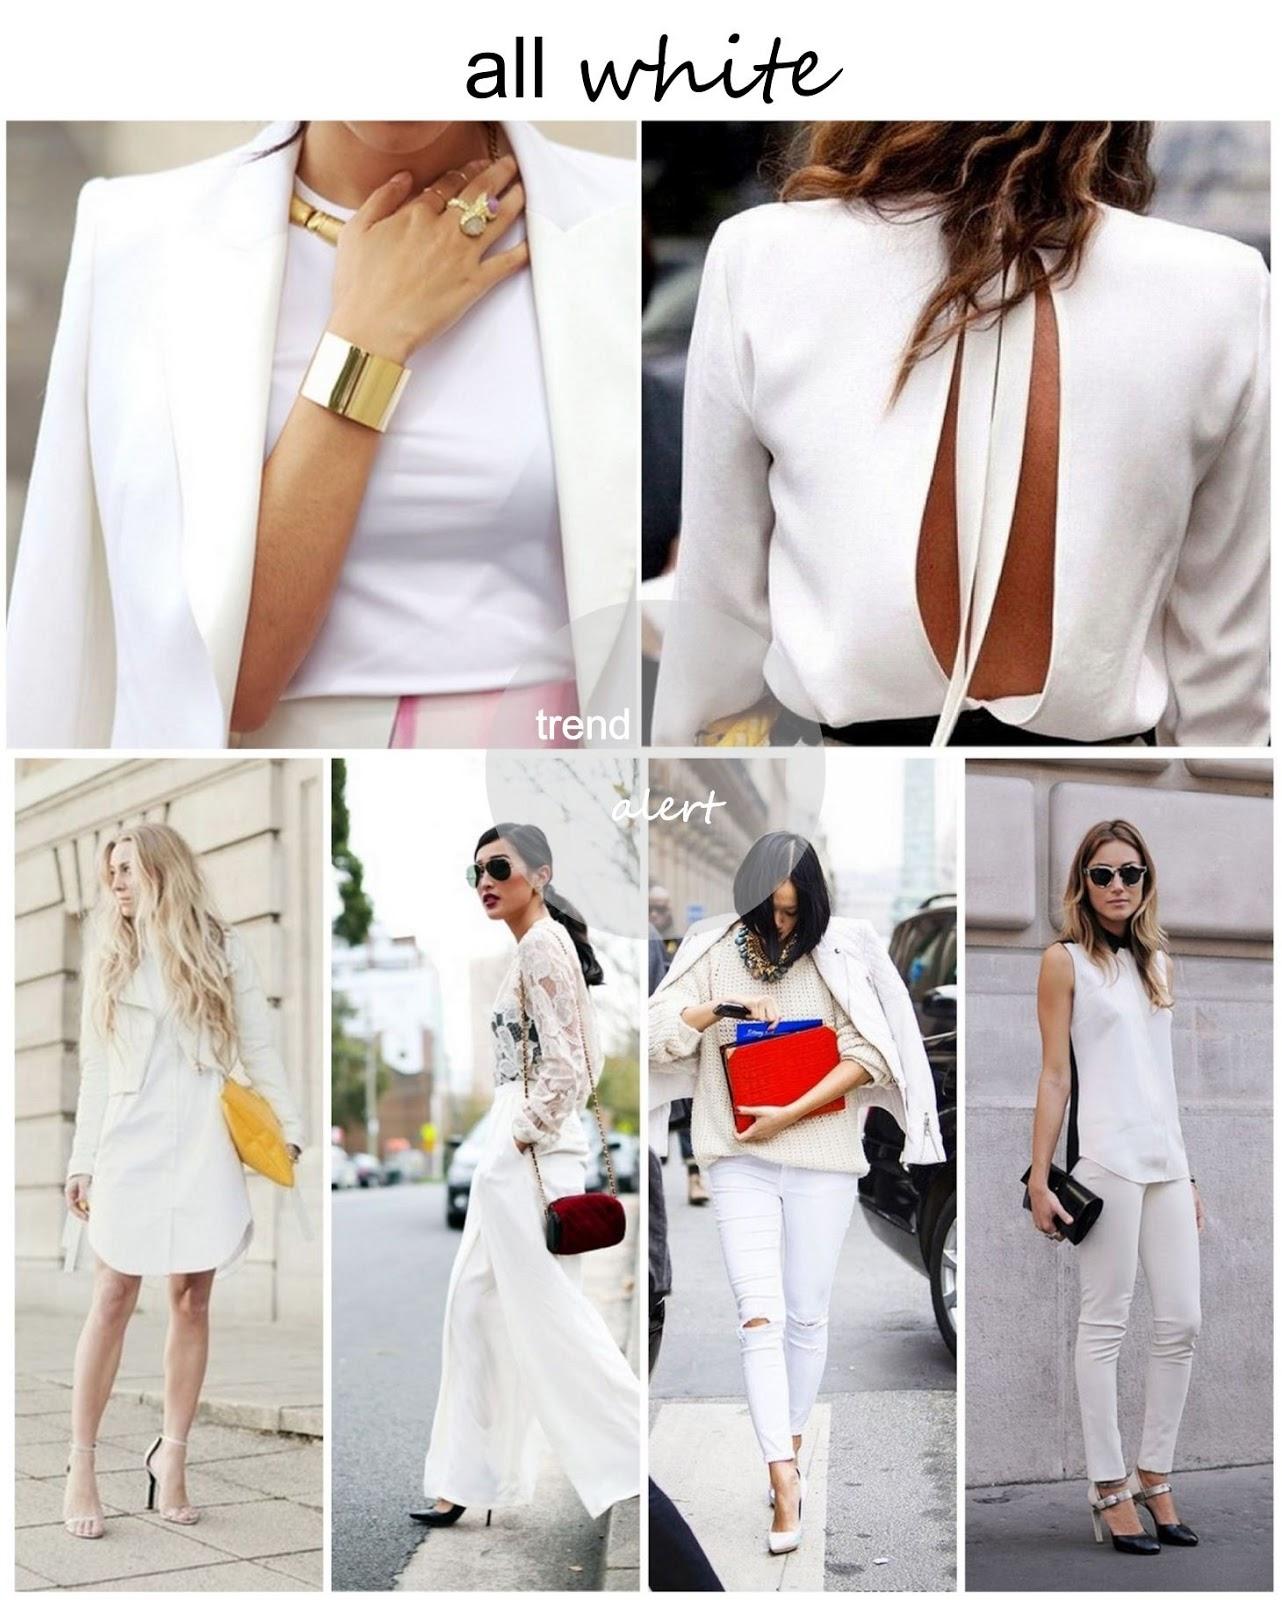 trend alert all white